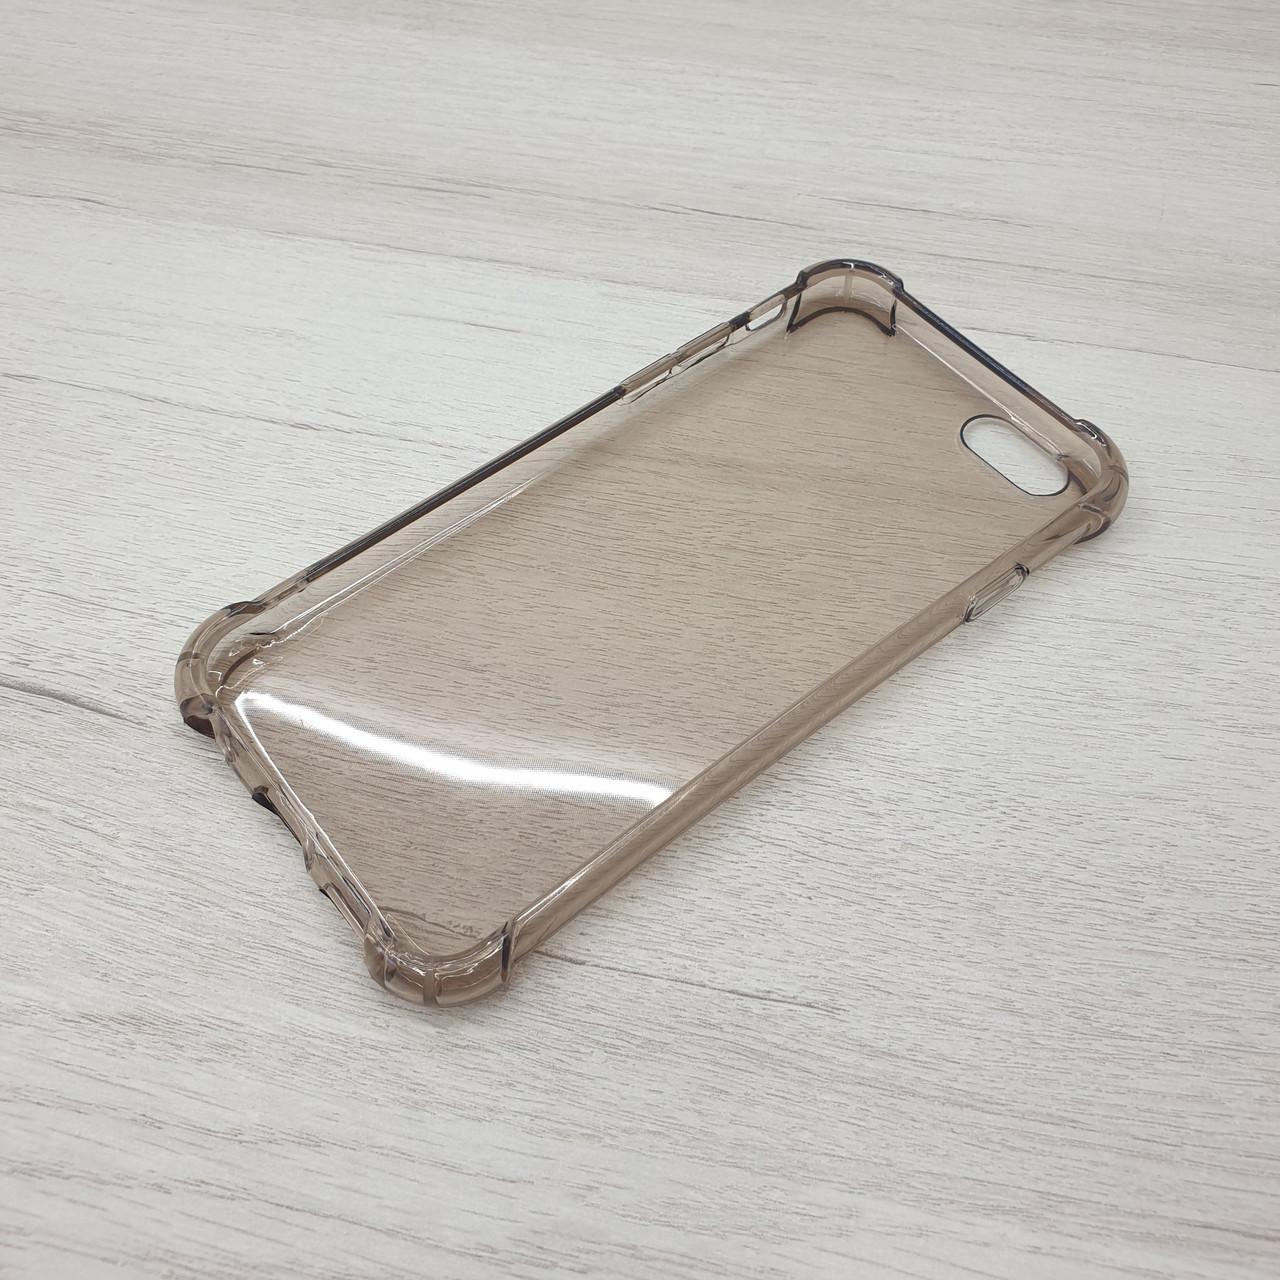 Чехол Crystal case с усиленными углами для Apple iPhone 6/6s